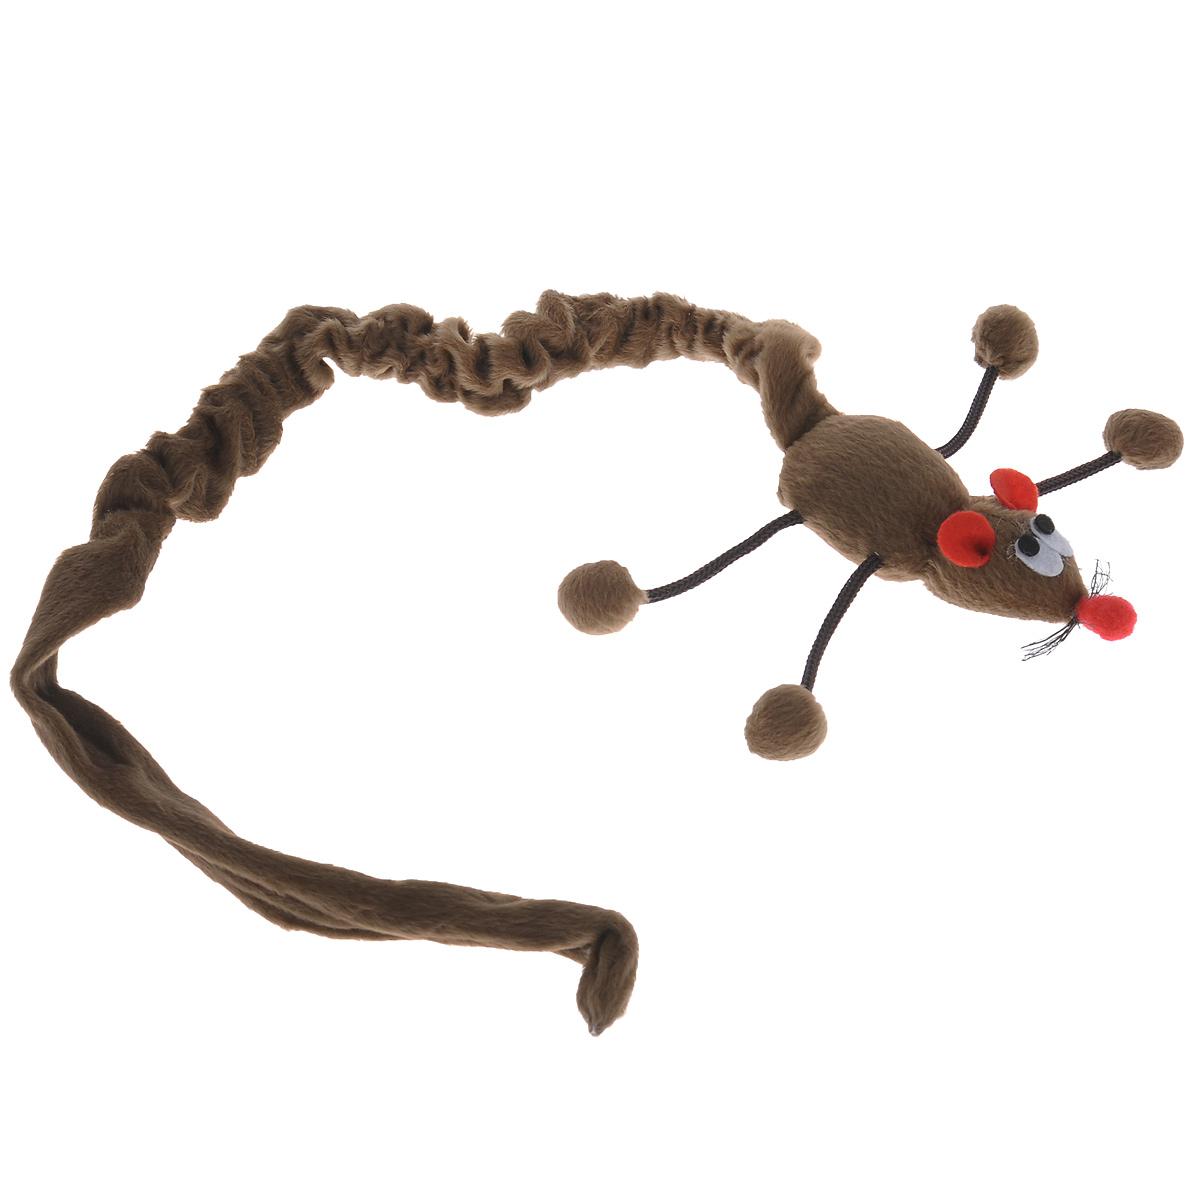 Игрушка для кошек I.P.T.S. Дразнилка-мышь, подвесная, цвет: коричневый, длина 61-86 см430238Игрушка I.P.T.S. Дразнилка-мышь, изготовленная из текстиля, выполнена в виде удочки с подвесной плюшевой мышкой и предназначена для активных игр с кошкой.Такая игрушка не навредит здоровью вашего питомца и увлечет его на долгое время.Длина: 61-86 см.